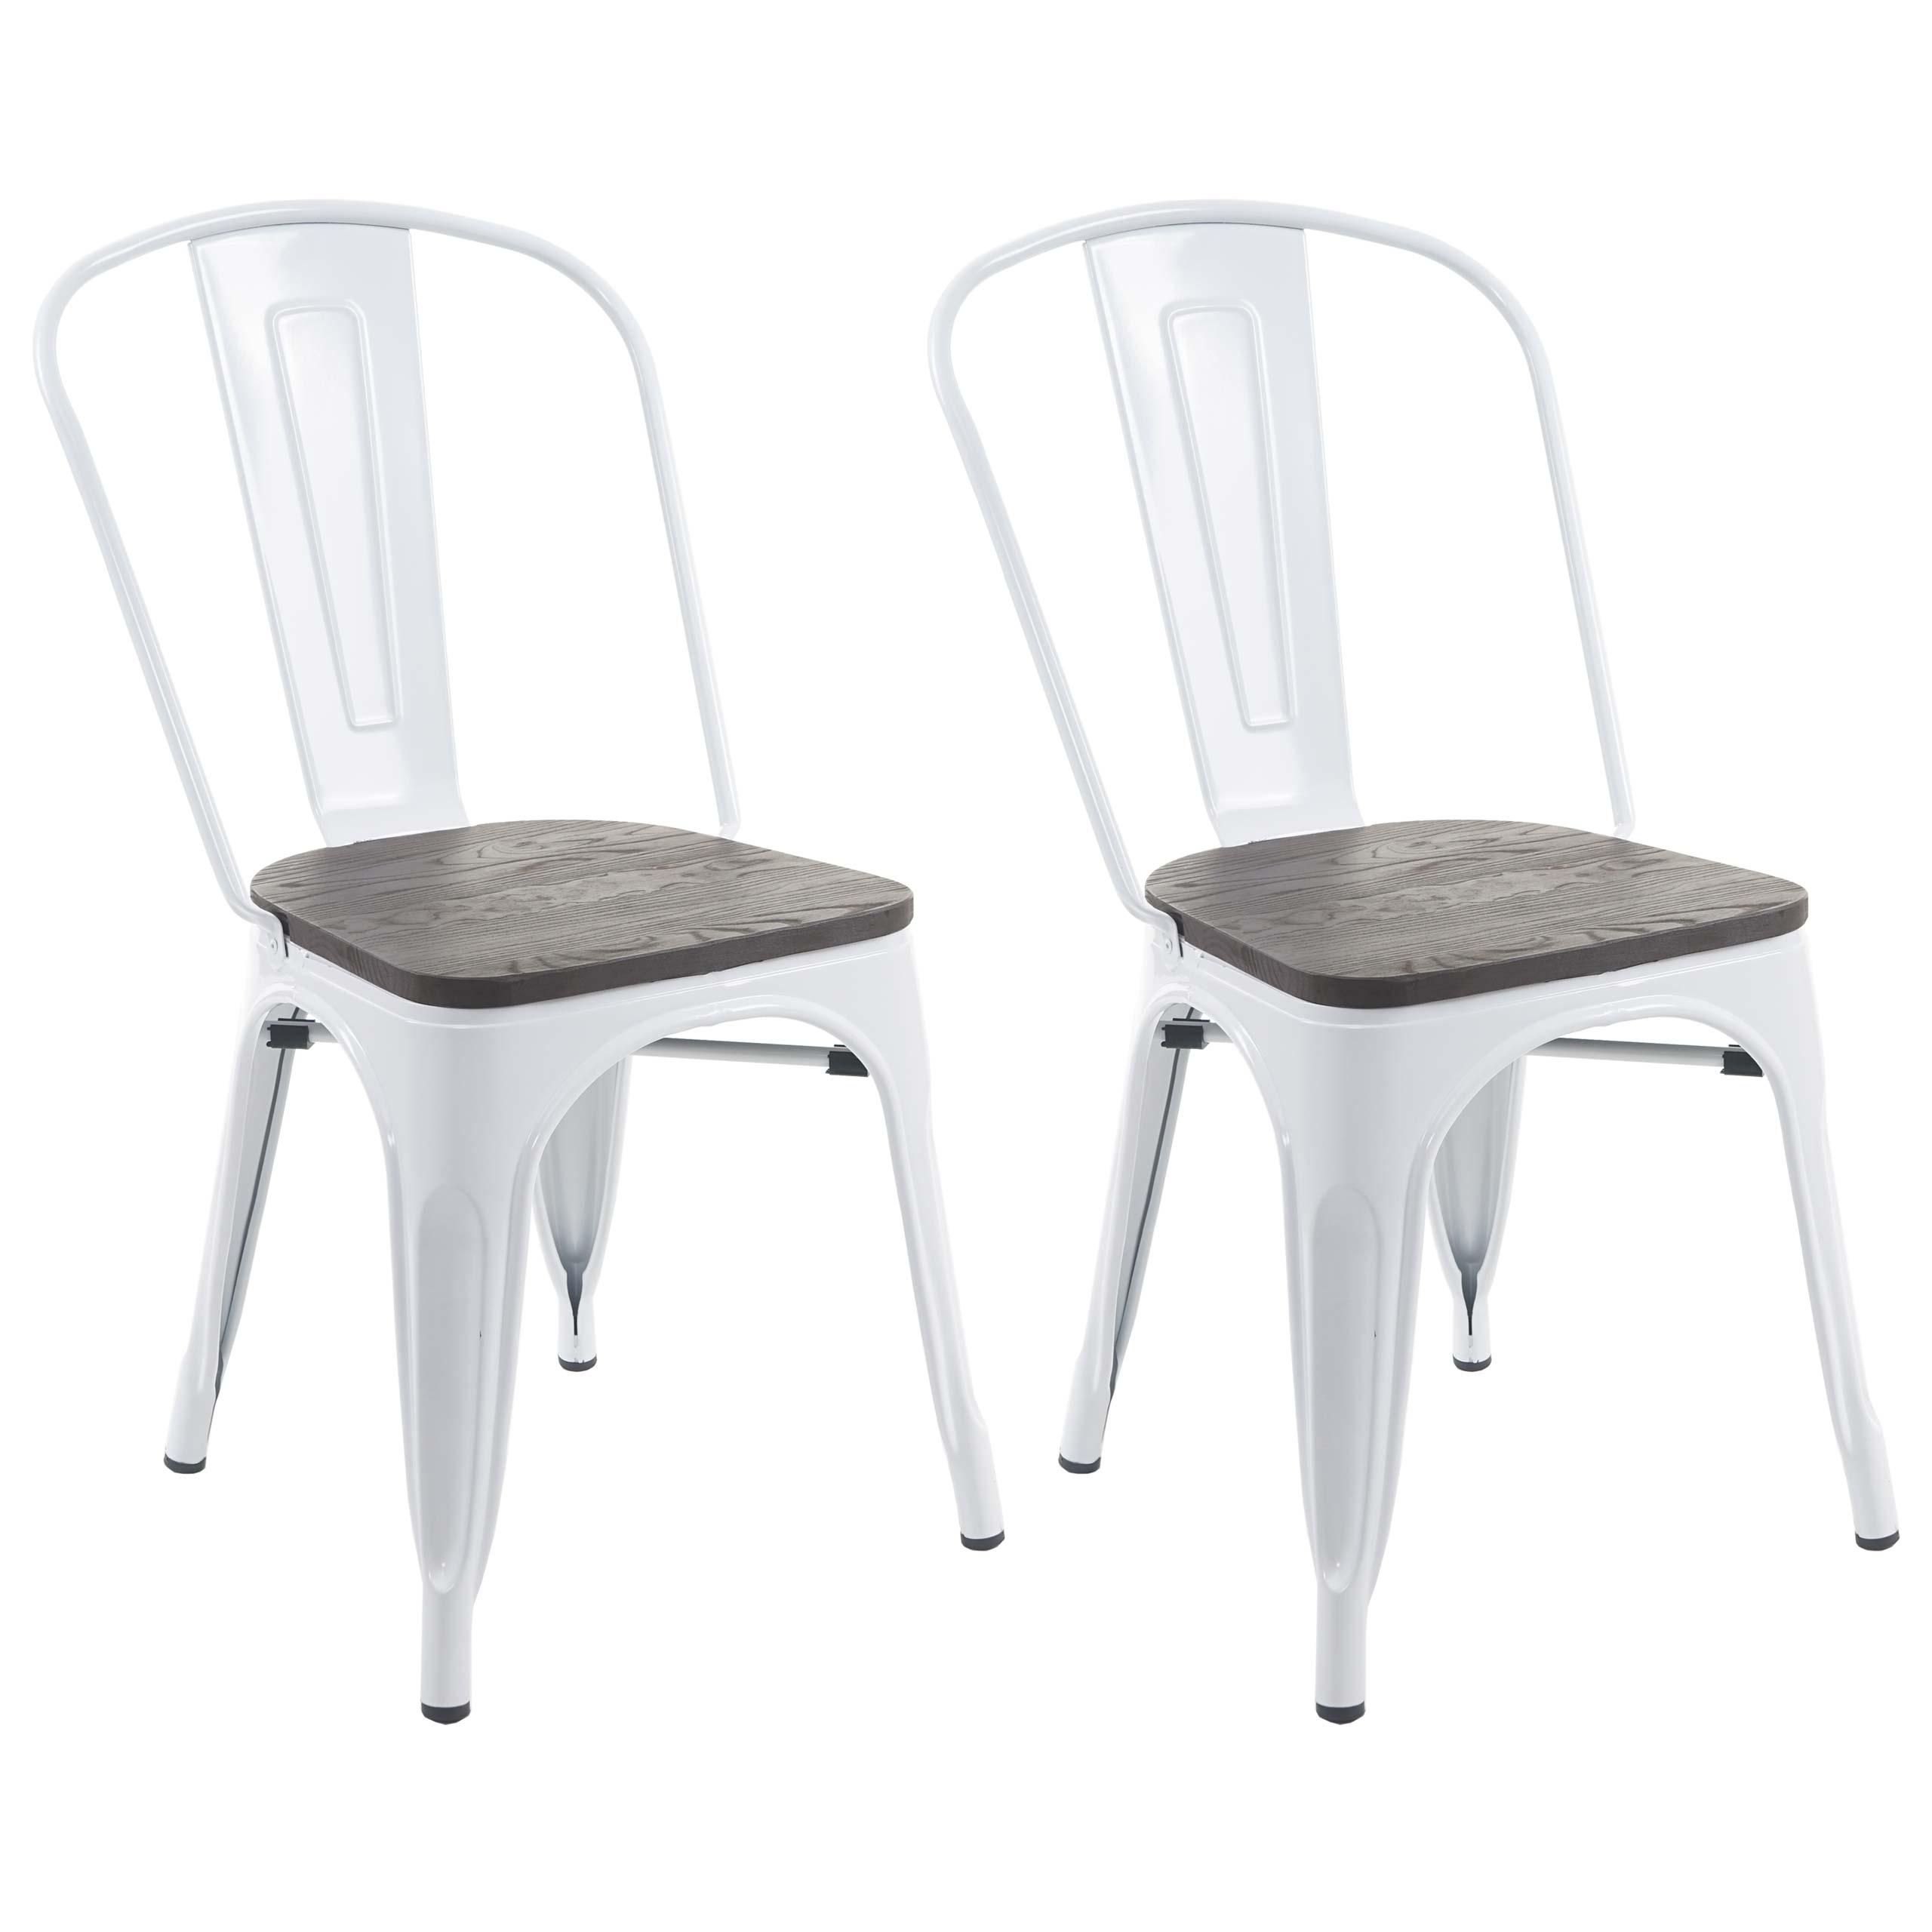 2x Stuhl Mcw A73 Inkl Holz Sitzflache Bistrostuhl Stapelstuhl